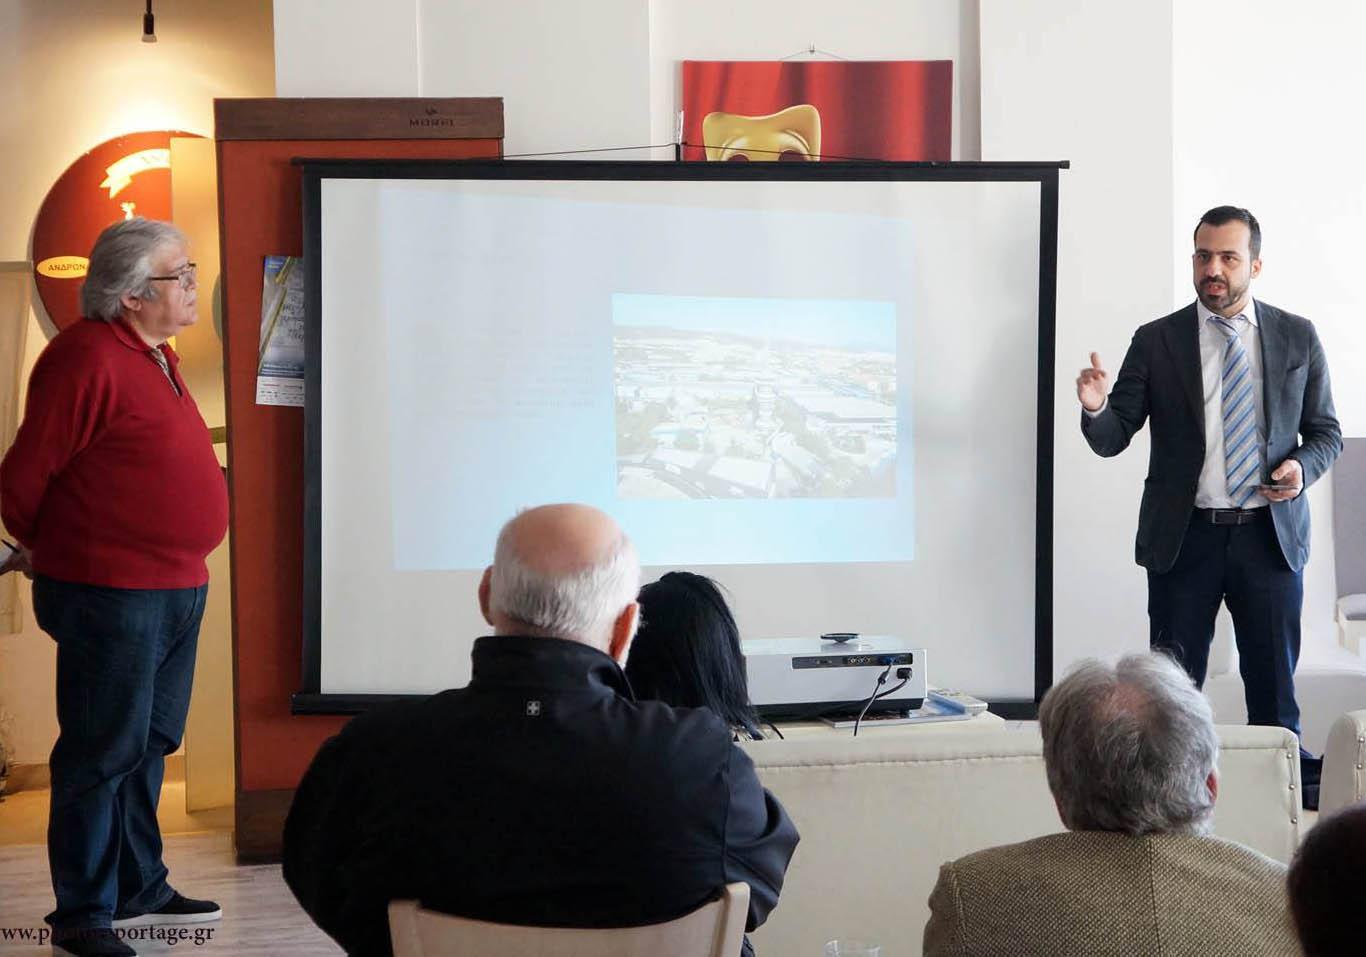 Μάκης Κυριζίδης: Πολιτιστικές εκδηλώσεις σε κάθε γειτονιά του Δήμου